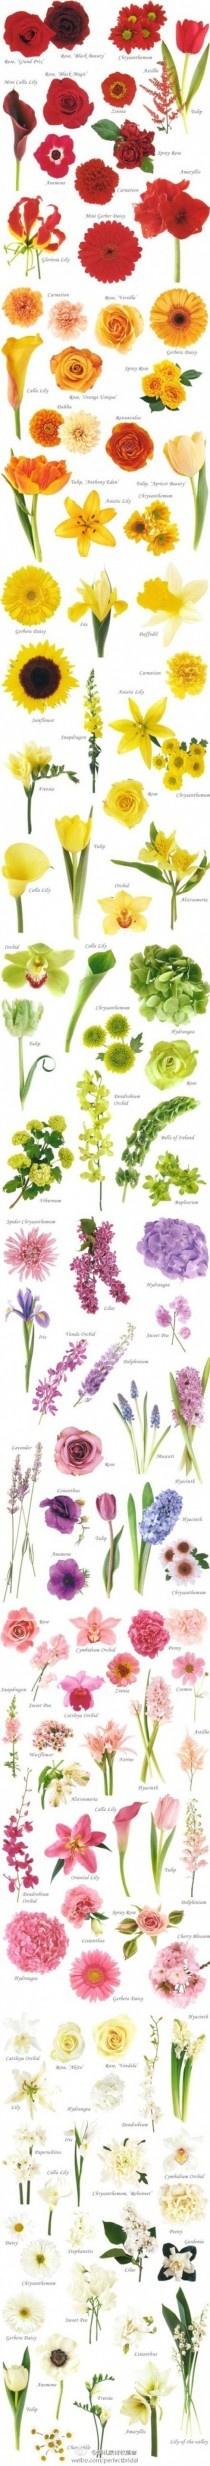 Flower Cheat Sheet